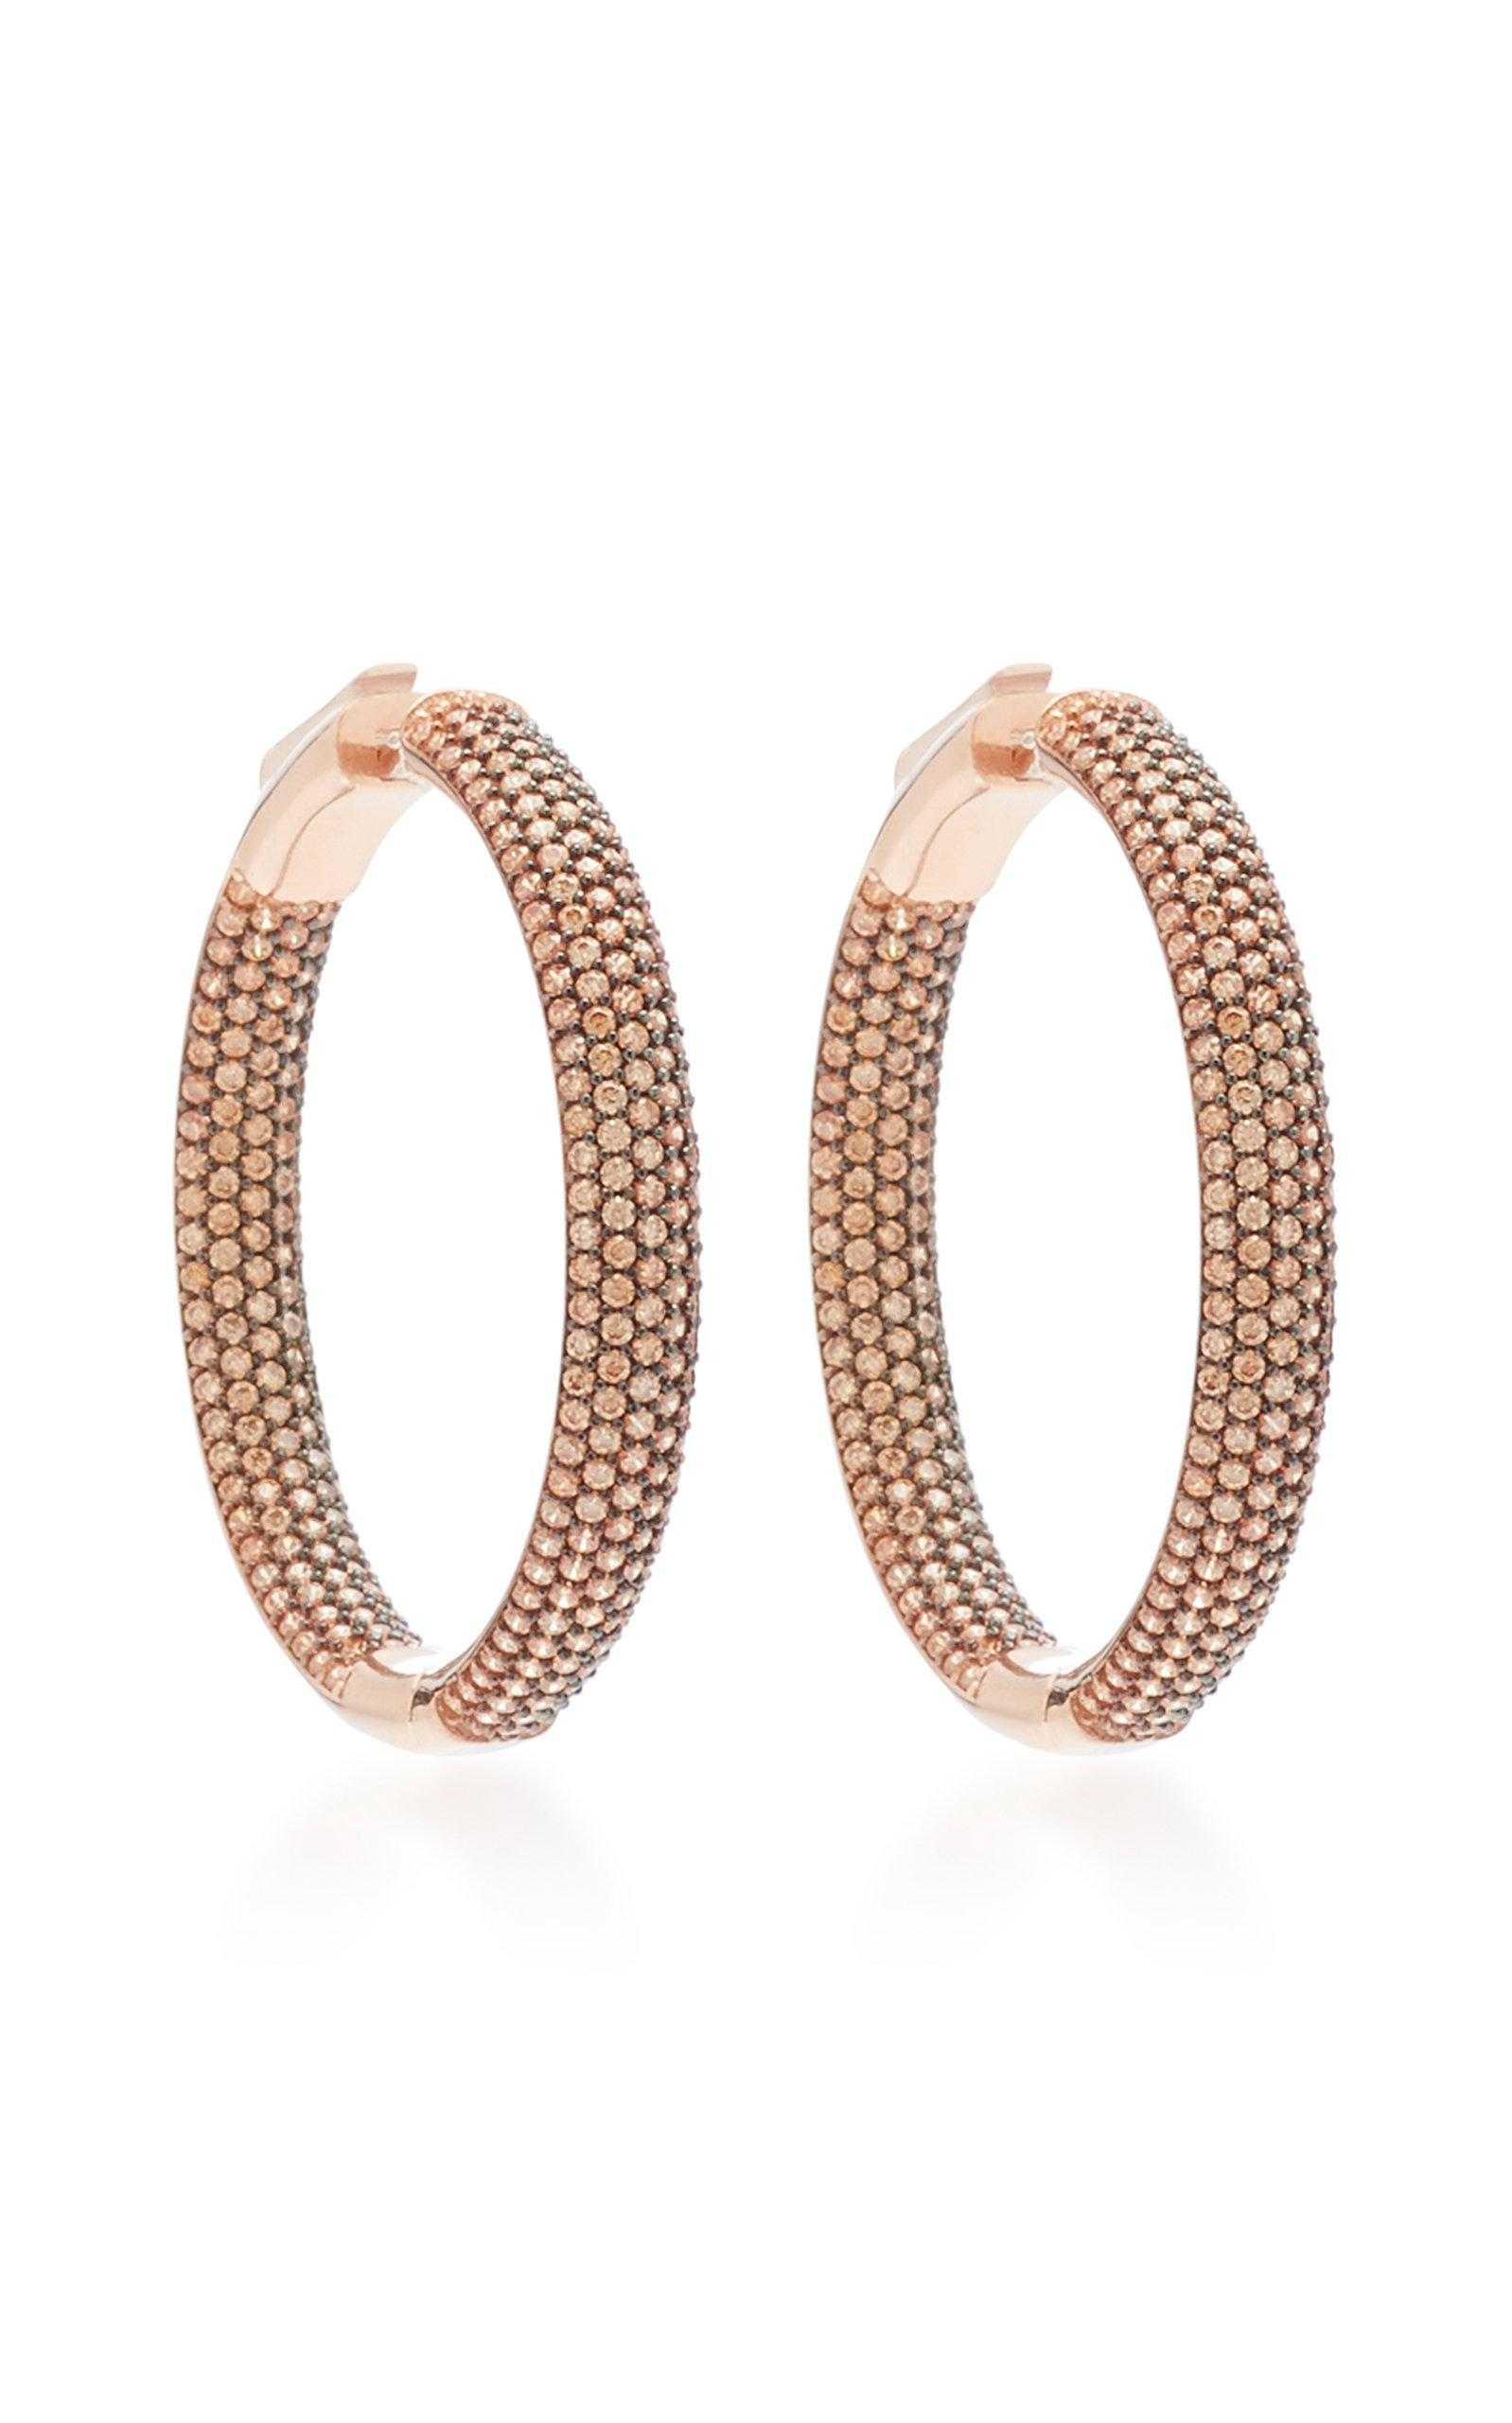 14K Rose Gold Crystal Hoop Earrings Nickho Rey 1Z0lHlzG